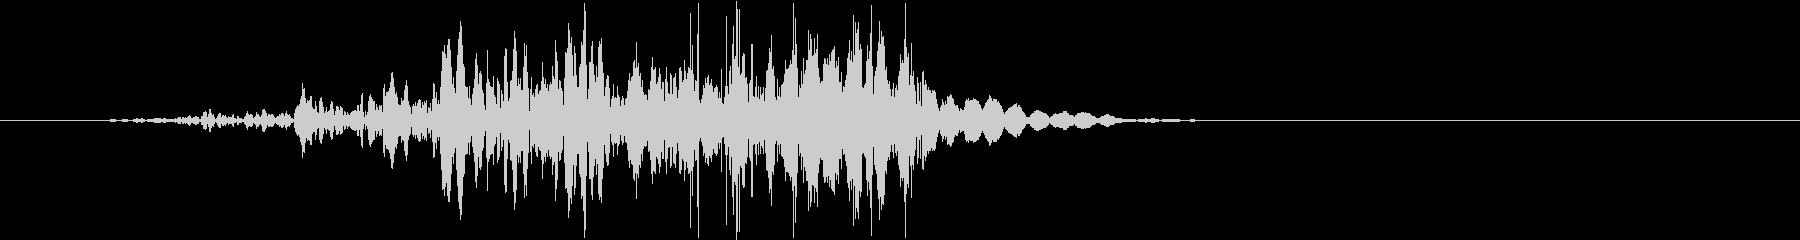 ザクッ(斧が刺さる/刃物で斬る音)の未再生の波形